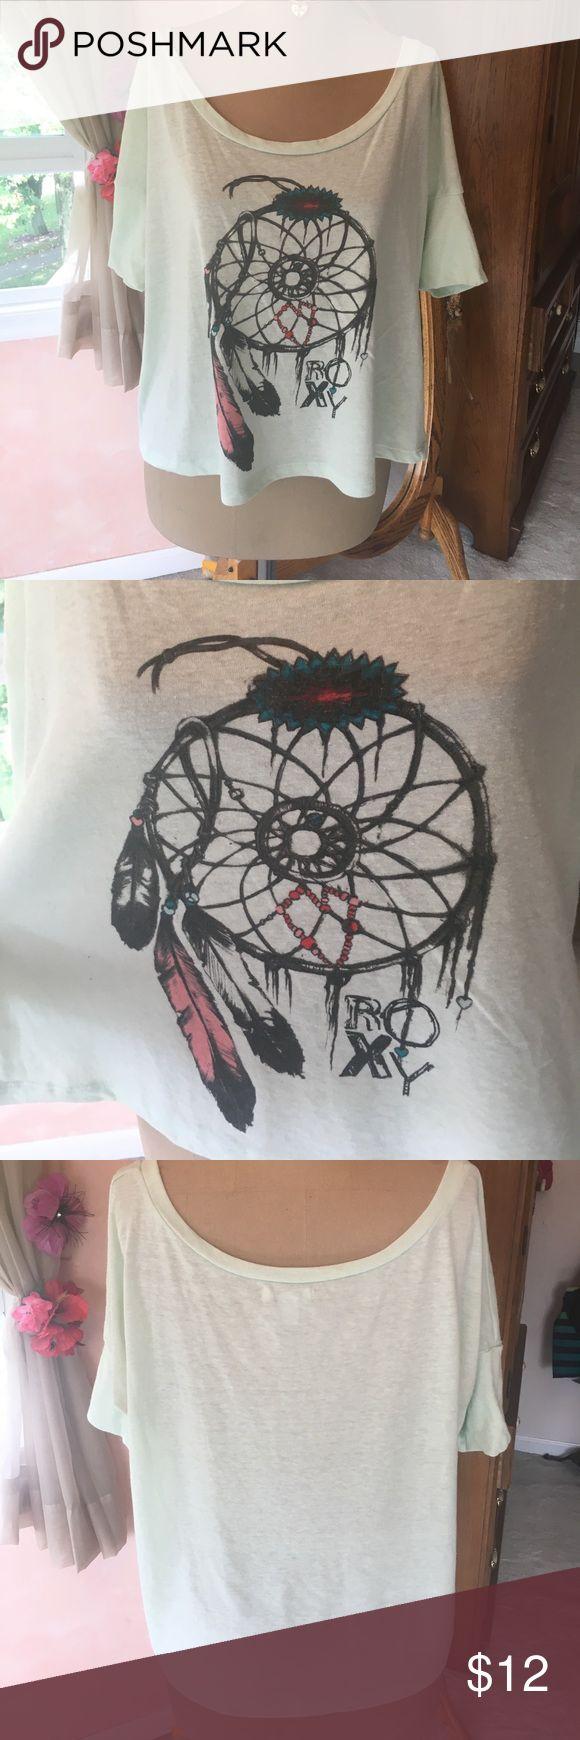 ROXY dream catcher shirt Short sleeve, mint color, dream catcher tshirt Roxy Tops Tees - Short Sleeve